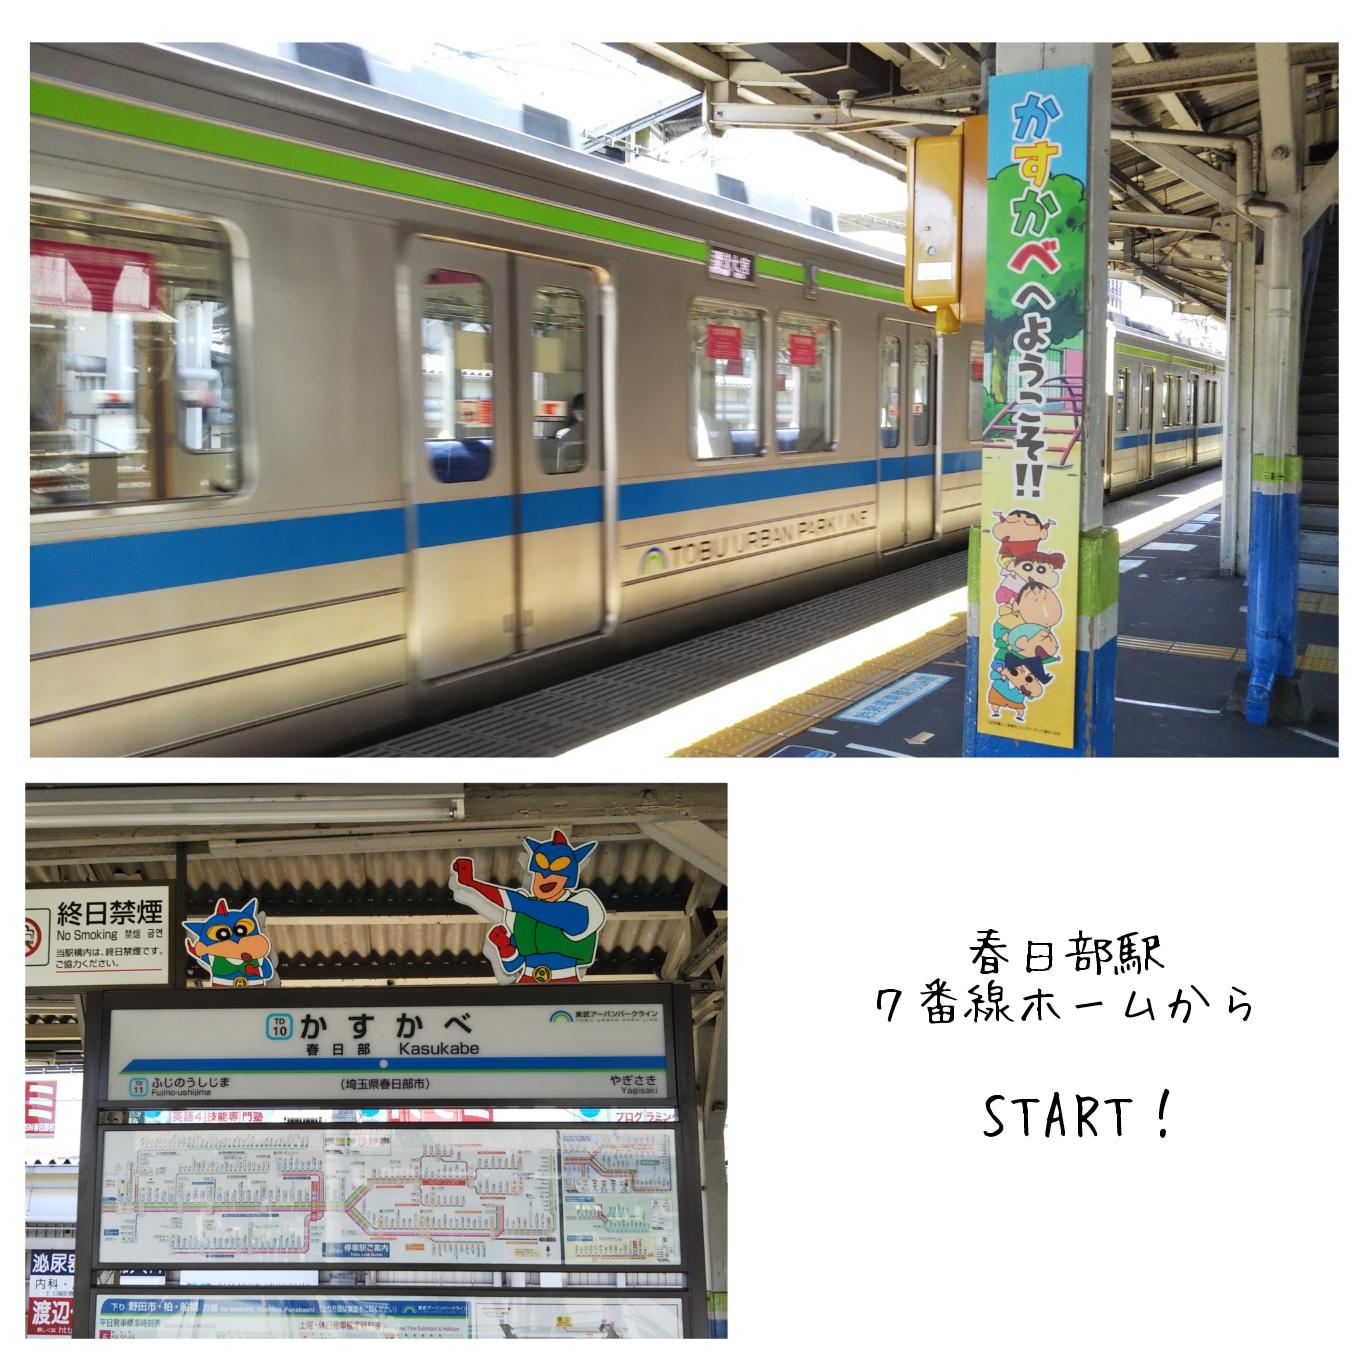 春日部市,kasuakbe,春日部駅,クレヨンしんちゃん